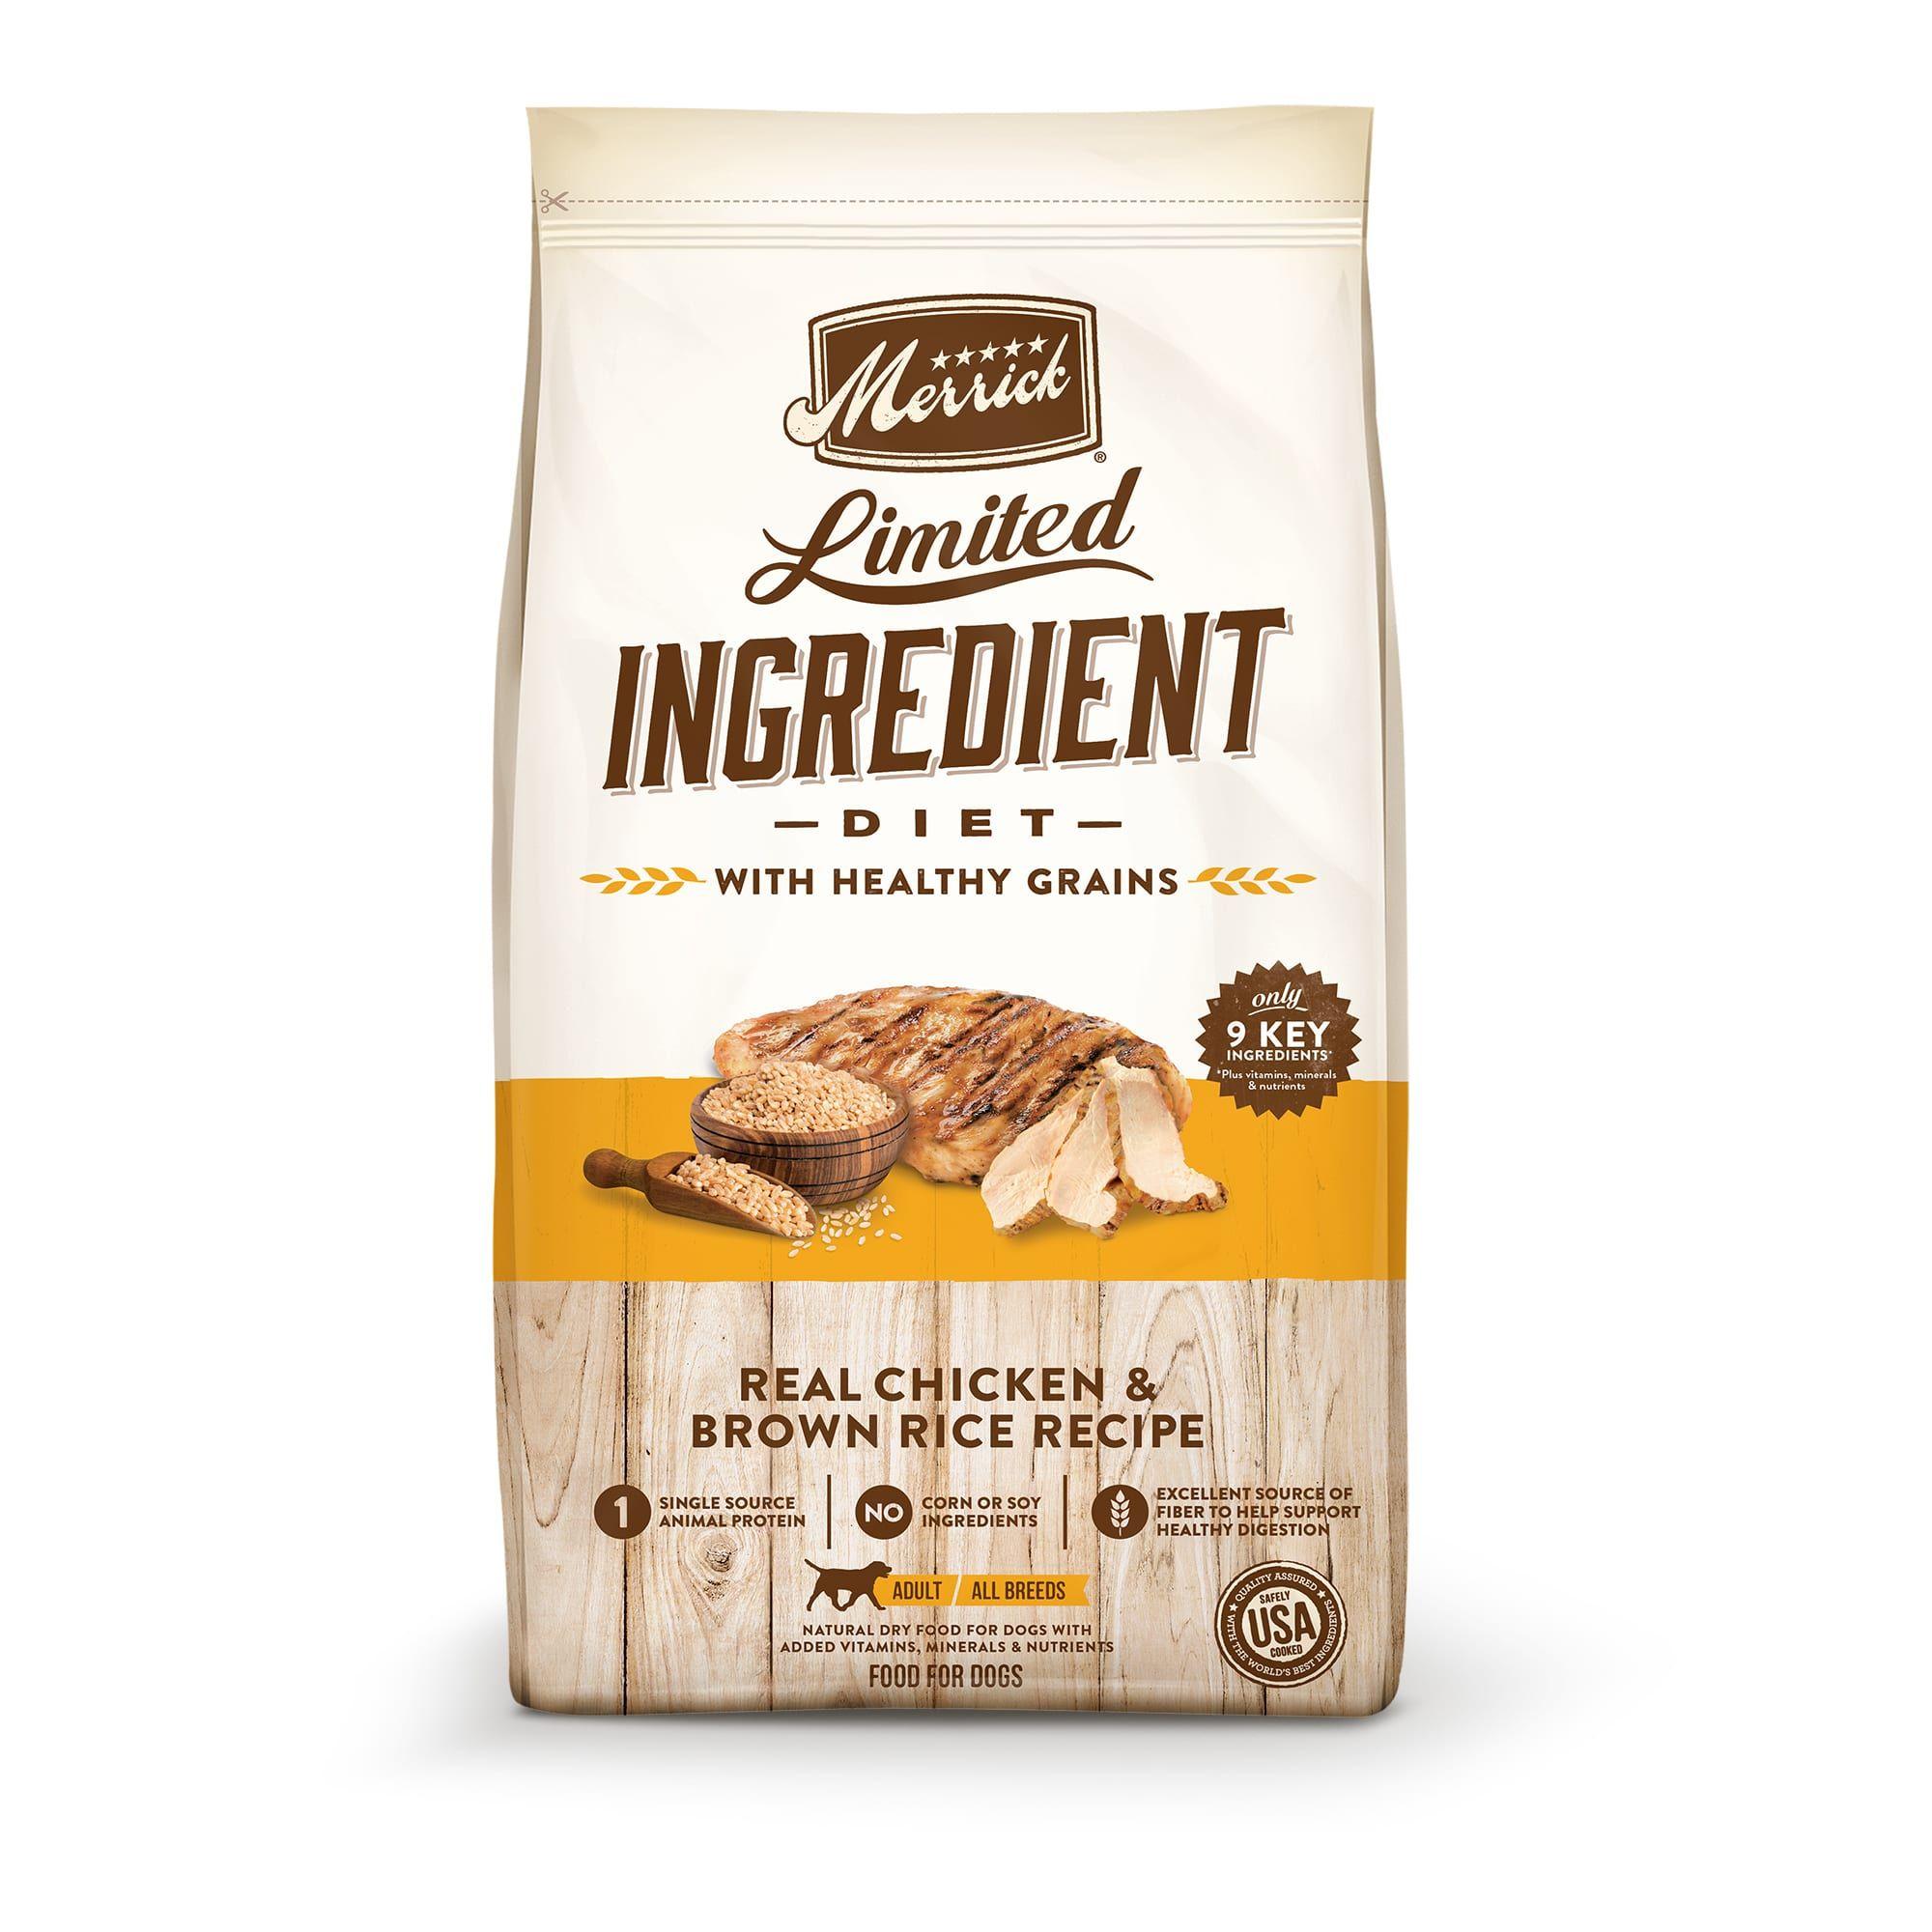 Merrick Limited Ingredient Diet Chicken Brown Rice Recipe Dry